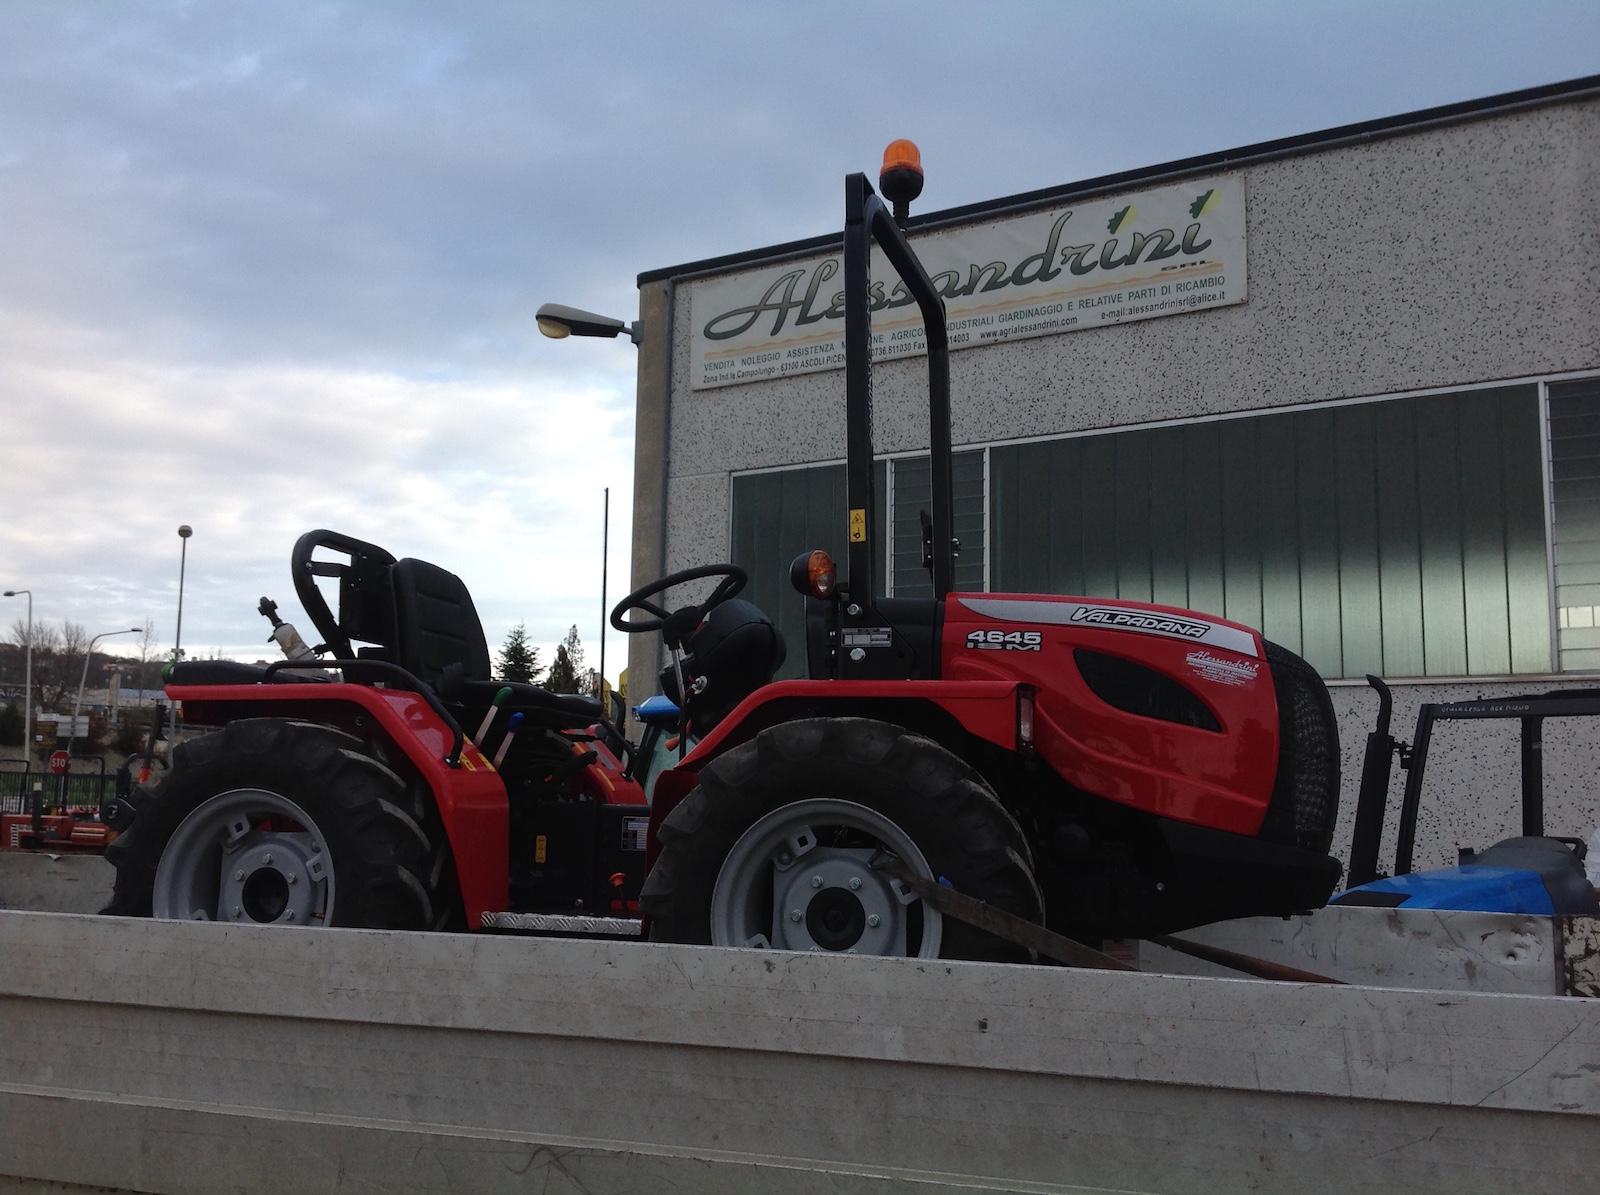 Consegna trattore valpadana modello 4646 ismanche per i for Ricambi valpadana